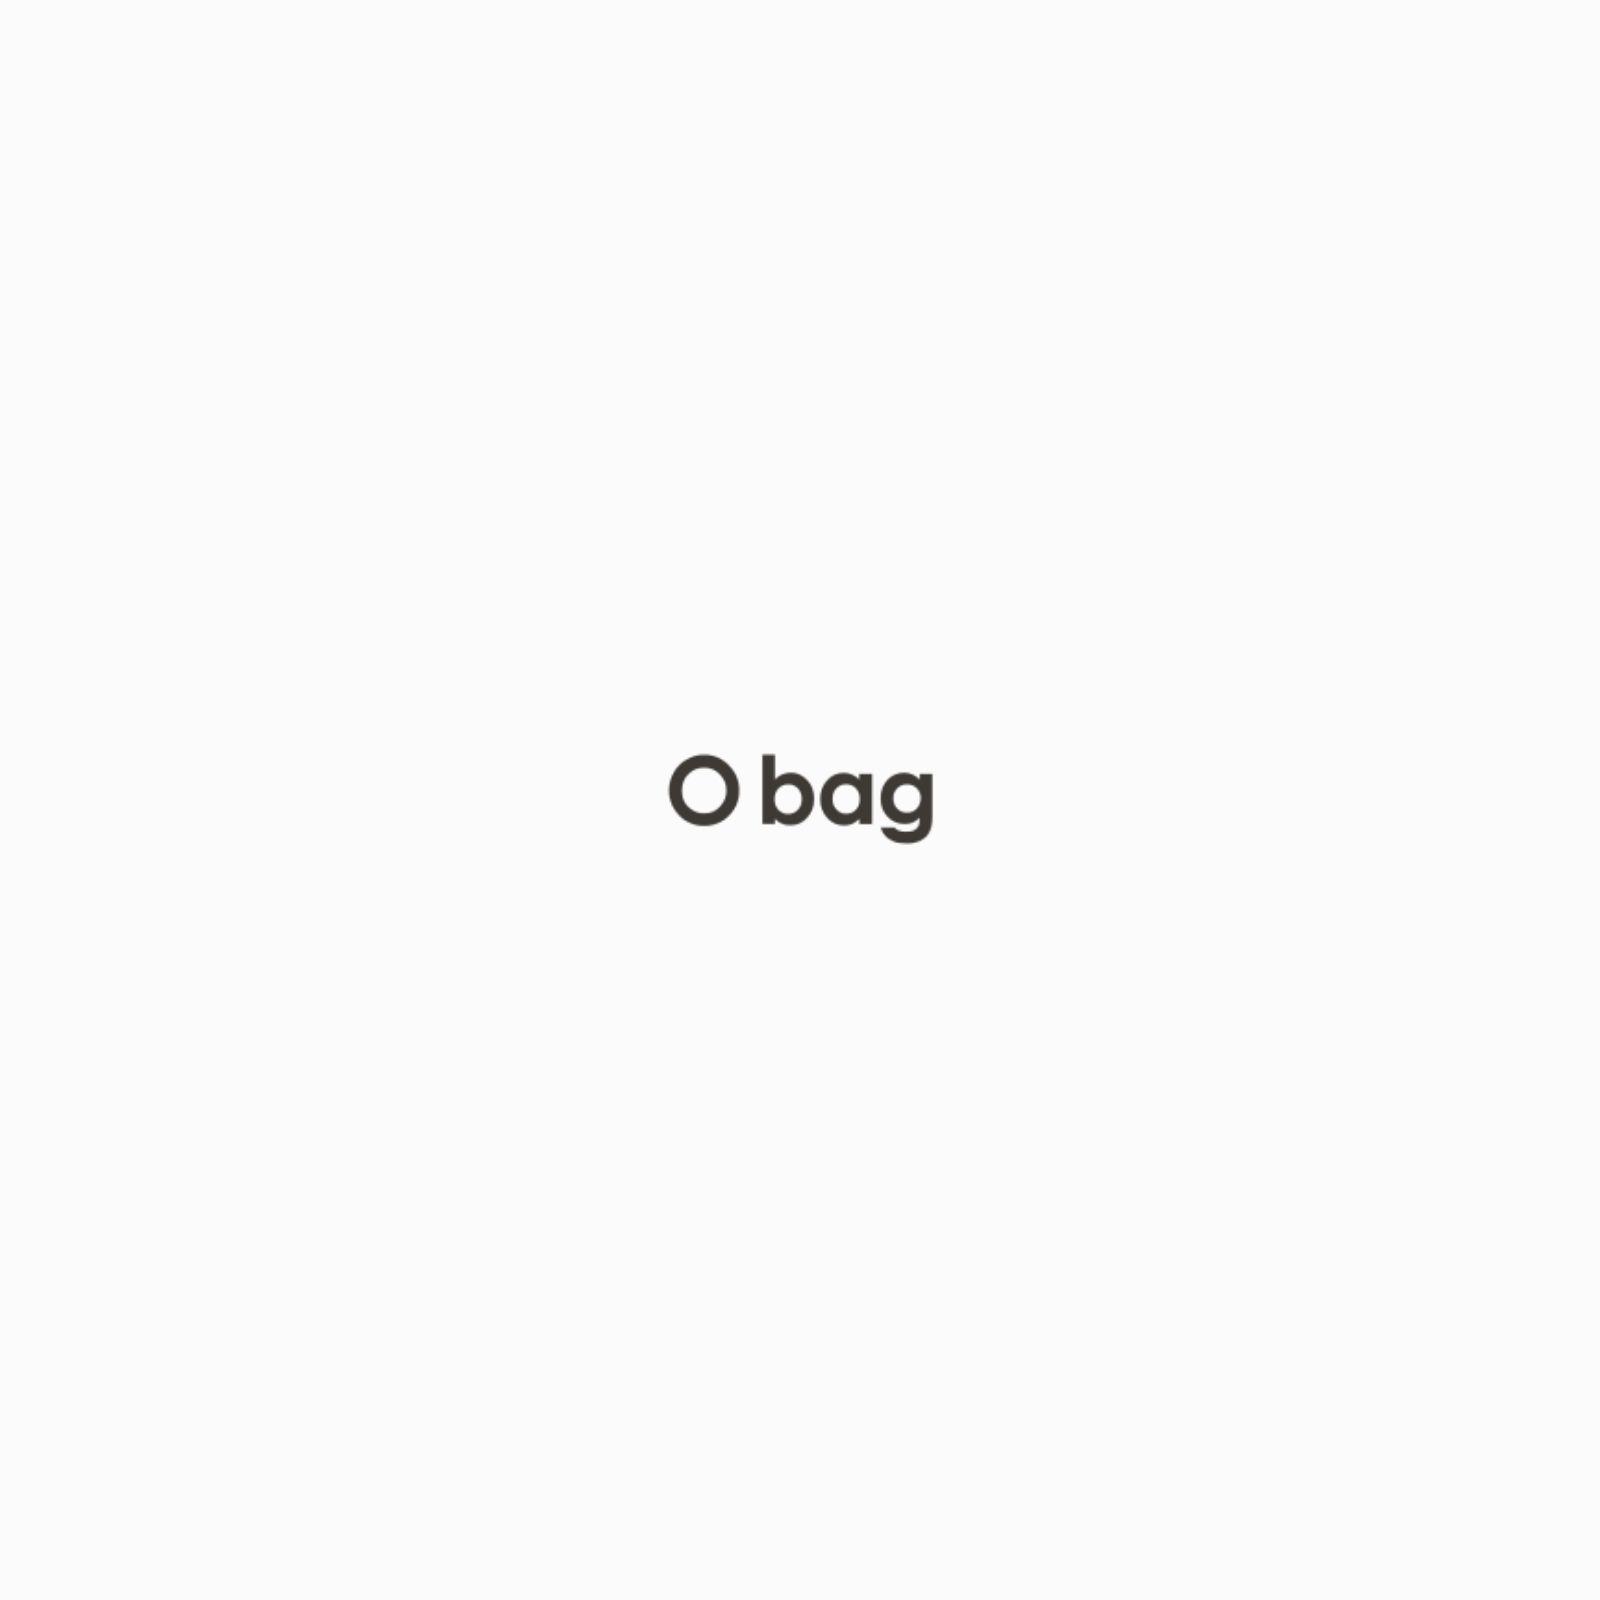 f93e13510d O bag soft easy bianca con tracolla stretta gommata